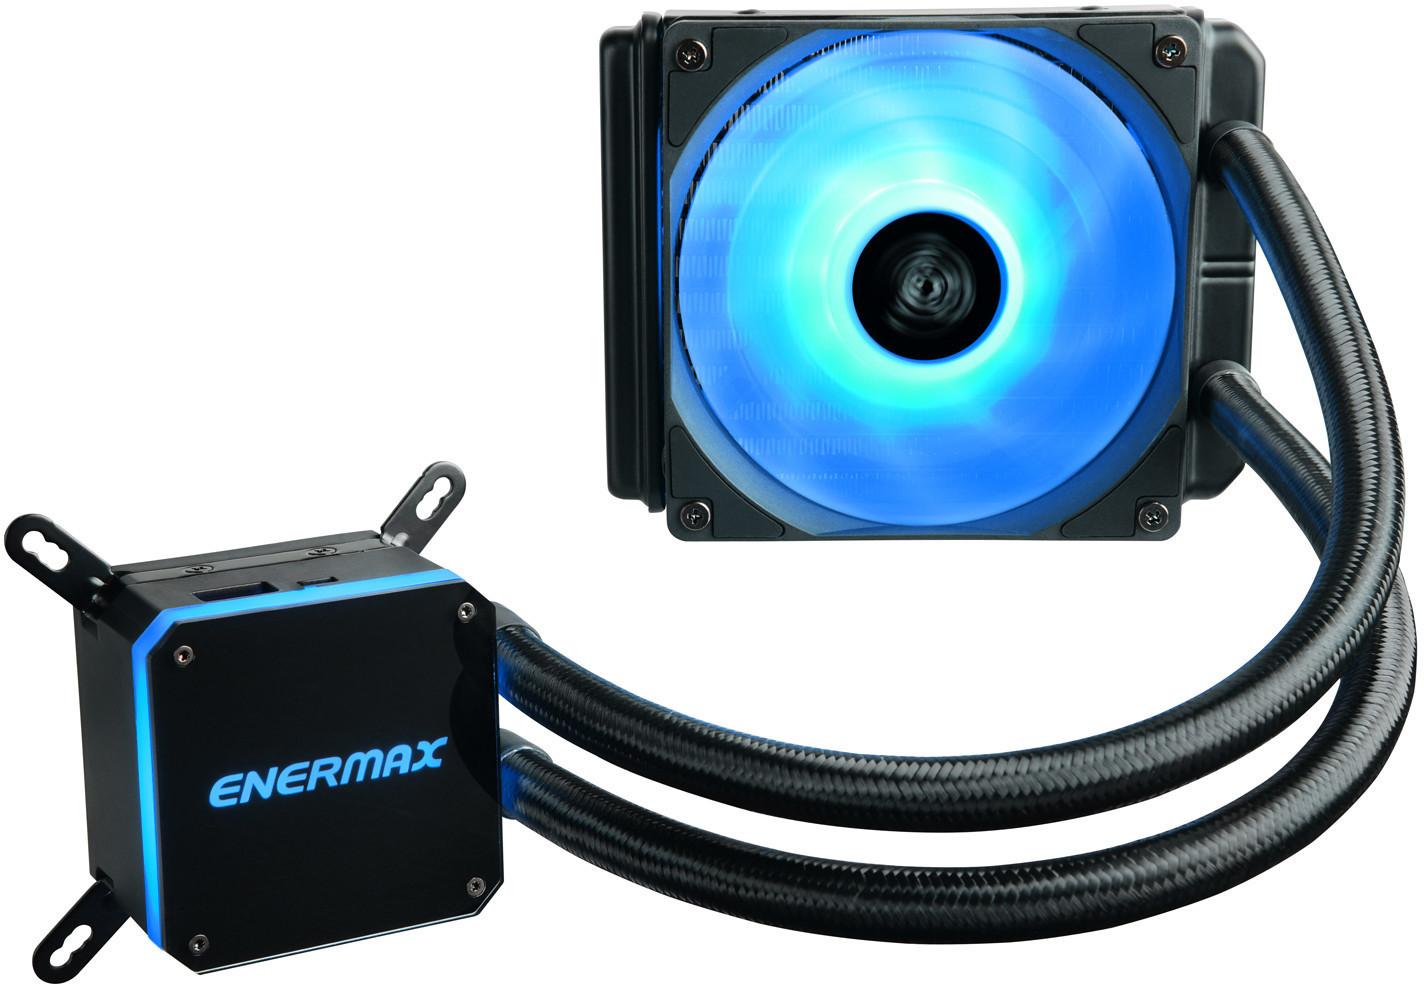 Image of Enermax LiqMax III RGB 120